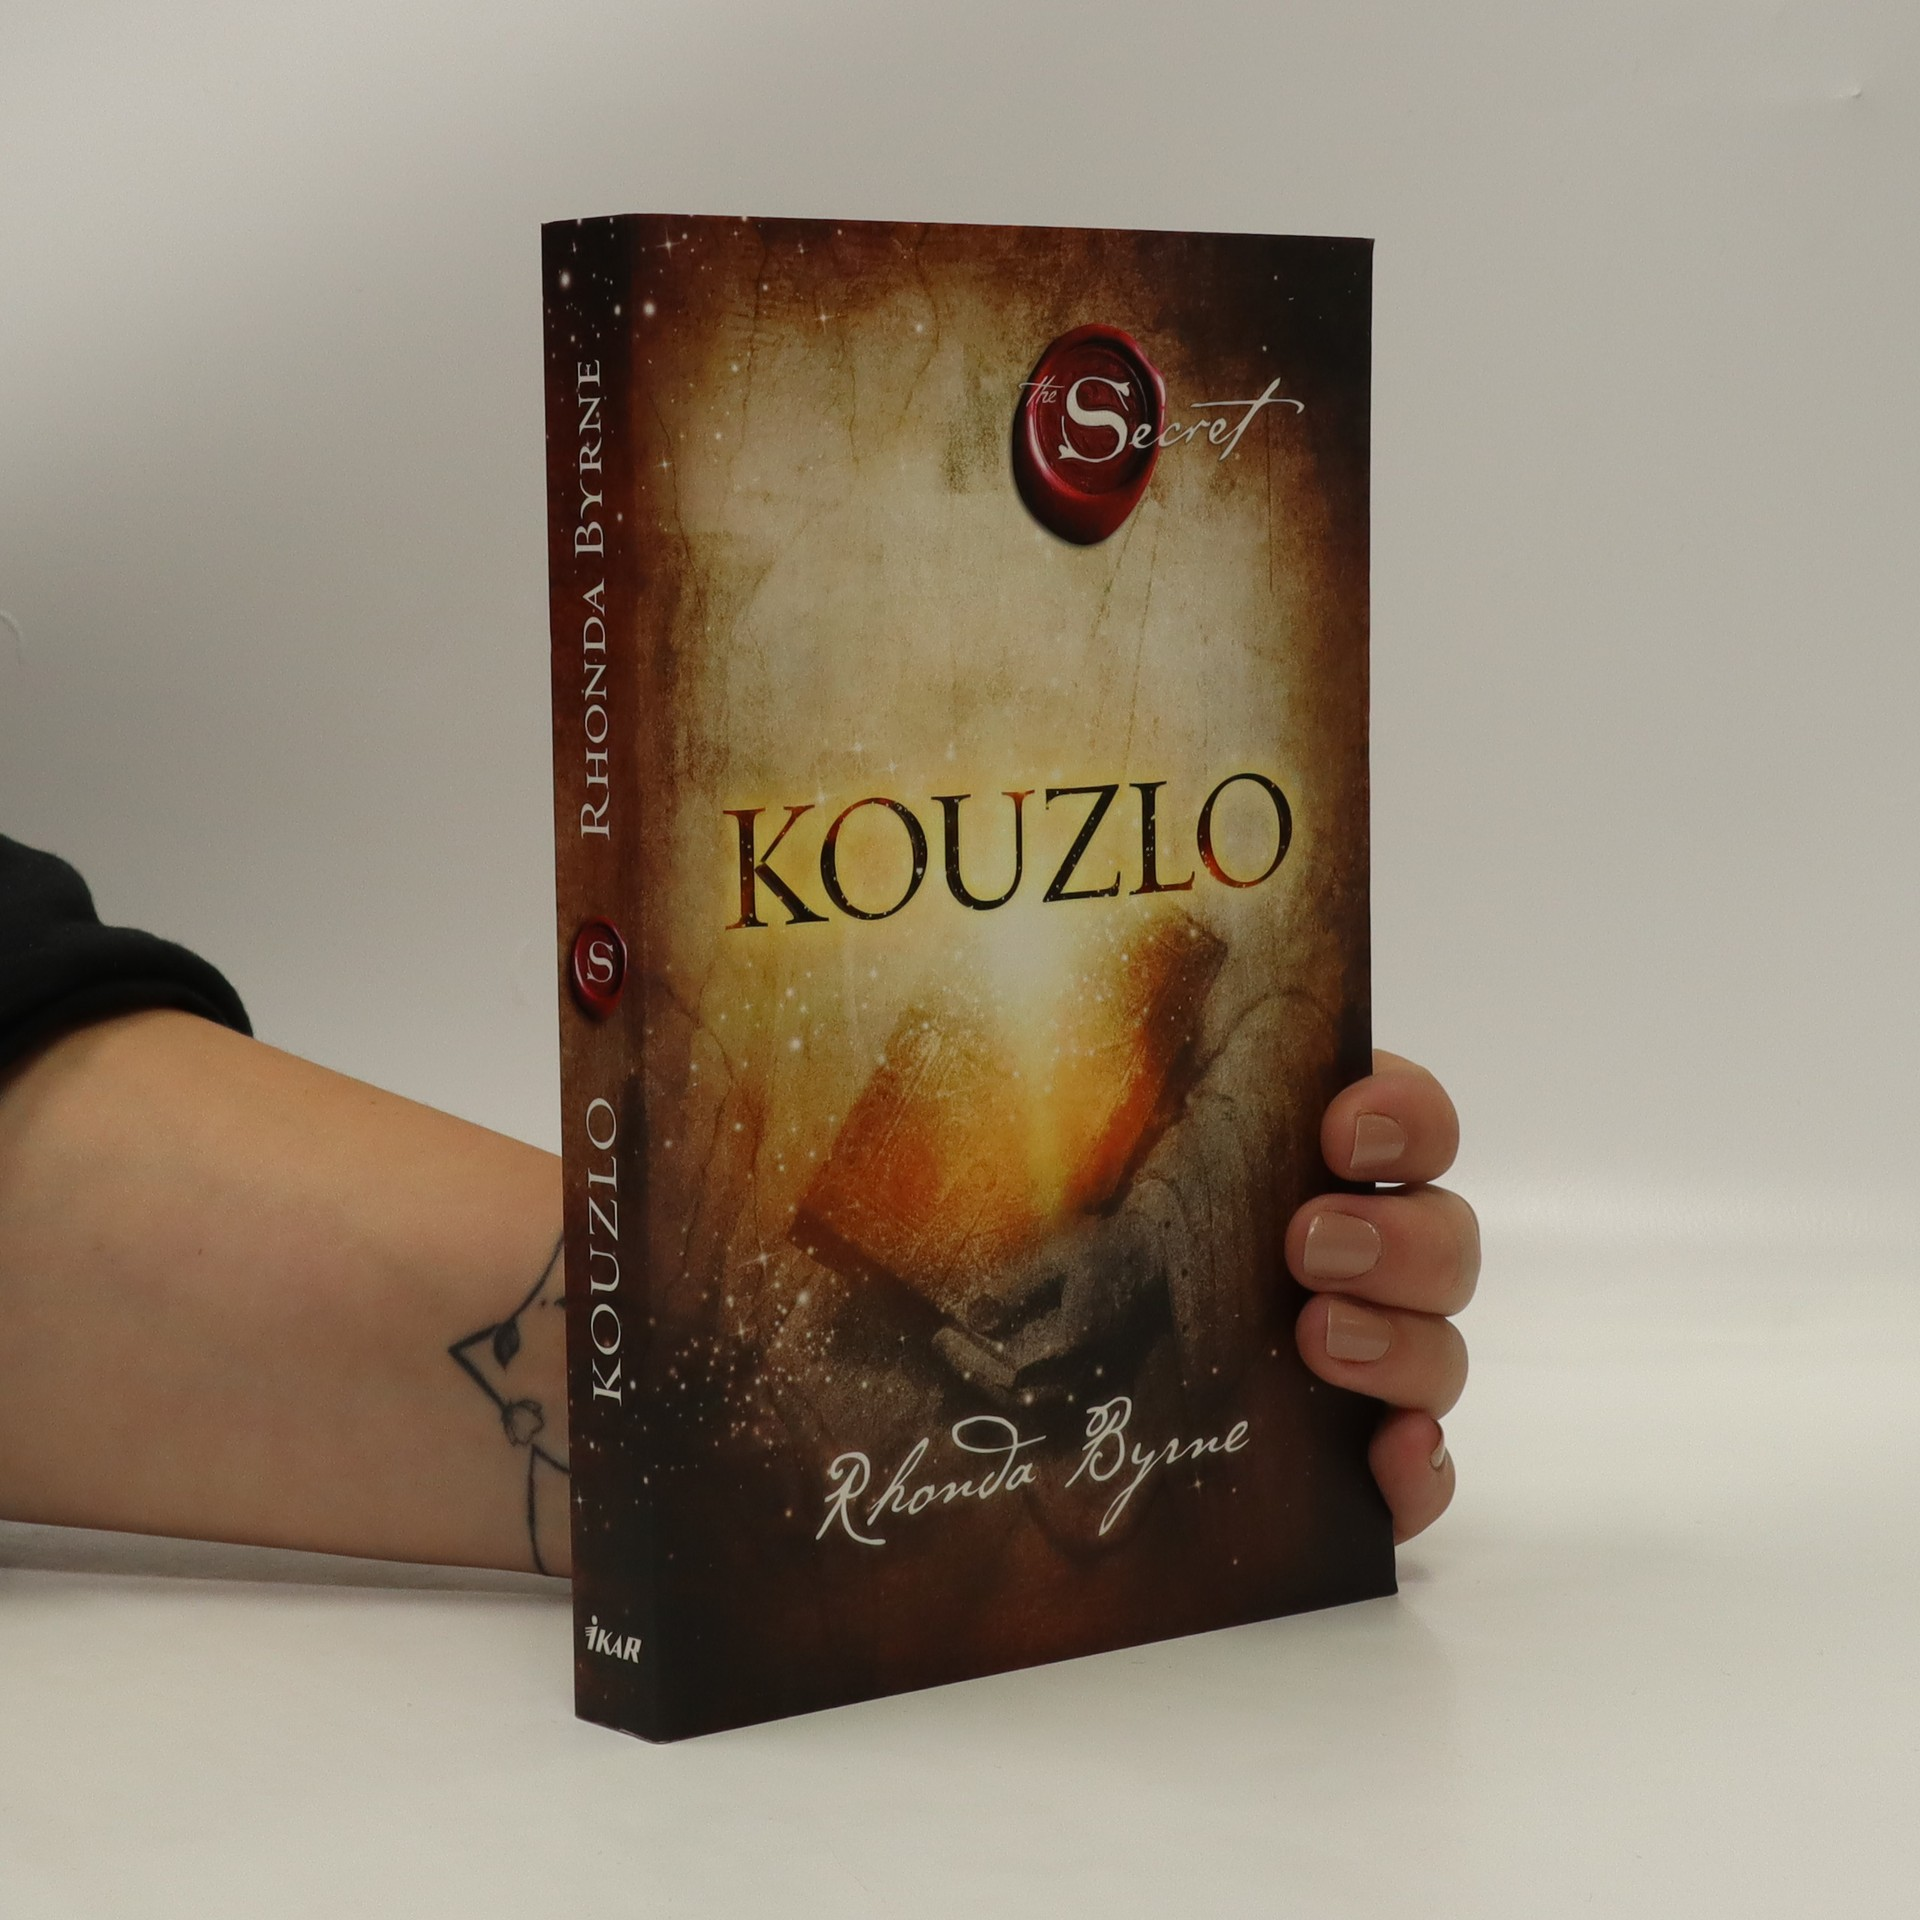 antikvární kniha Kouzlo, 2013